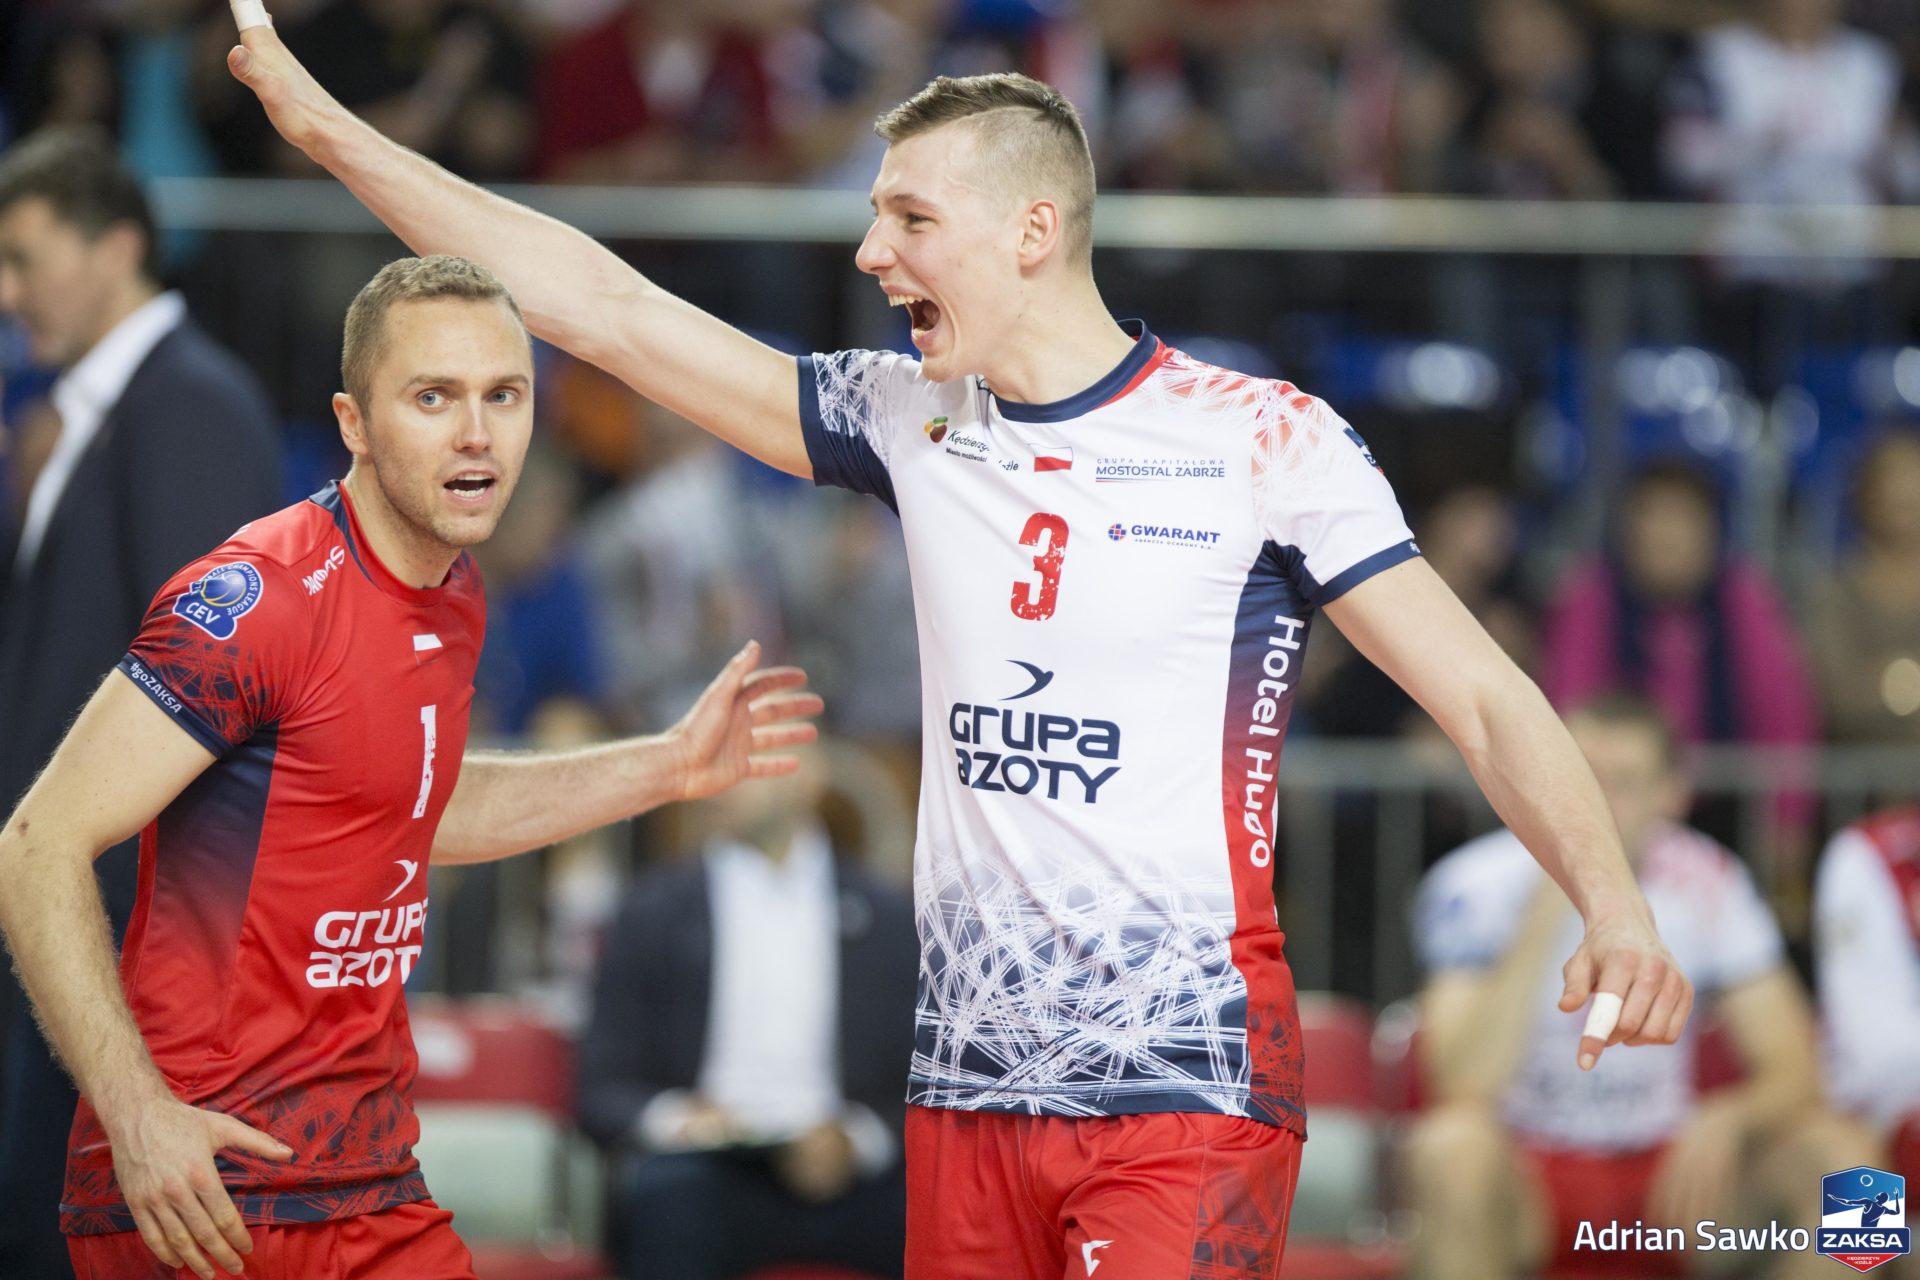 Paweł Zatorski: Byliśmy razem w trudnych momentach